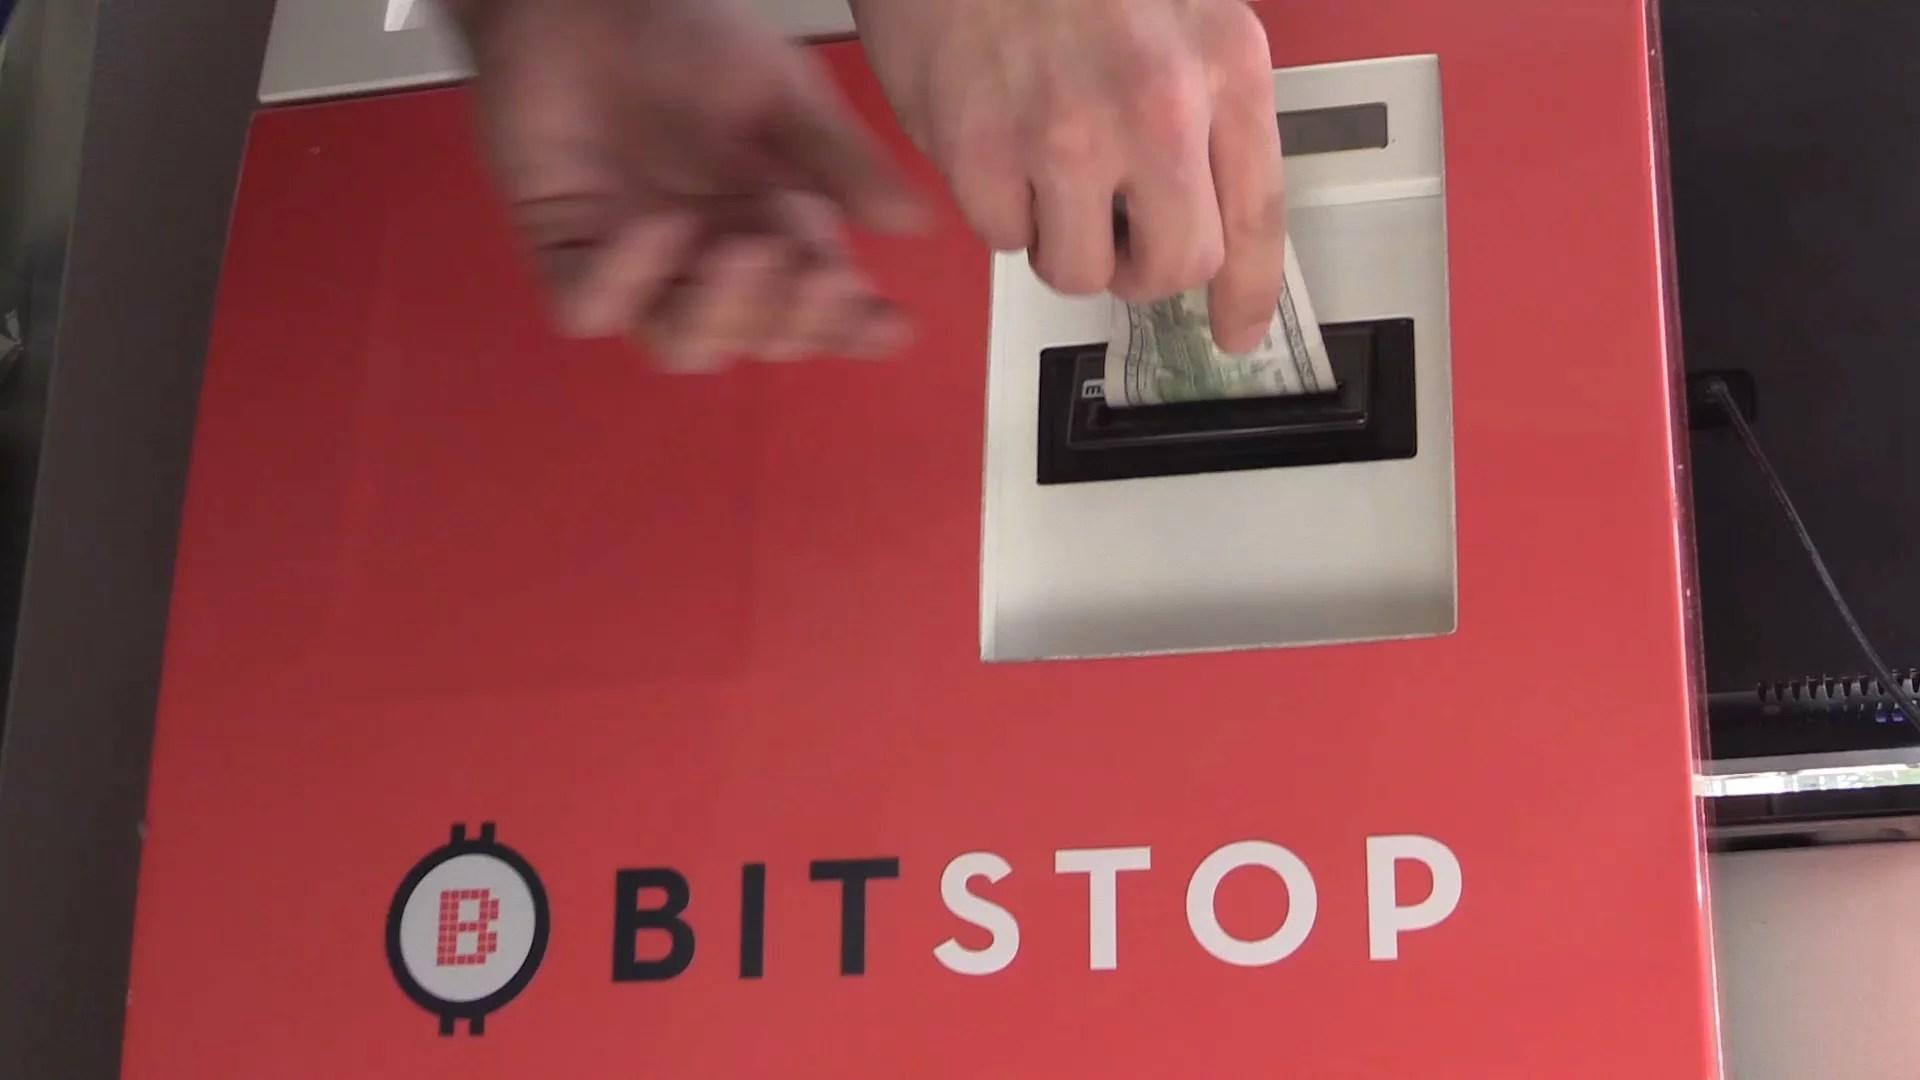 Bitstop continúa con la expansión de su flota de cajeros automáticos de Bitcoin, luego de firmar un acuerdo con el mayor operador de centros comerciales en los Estados Unidos